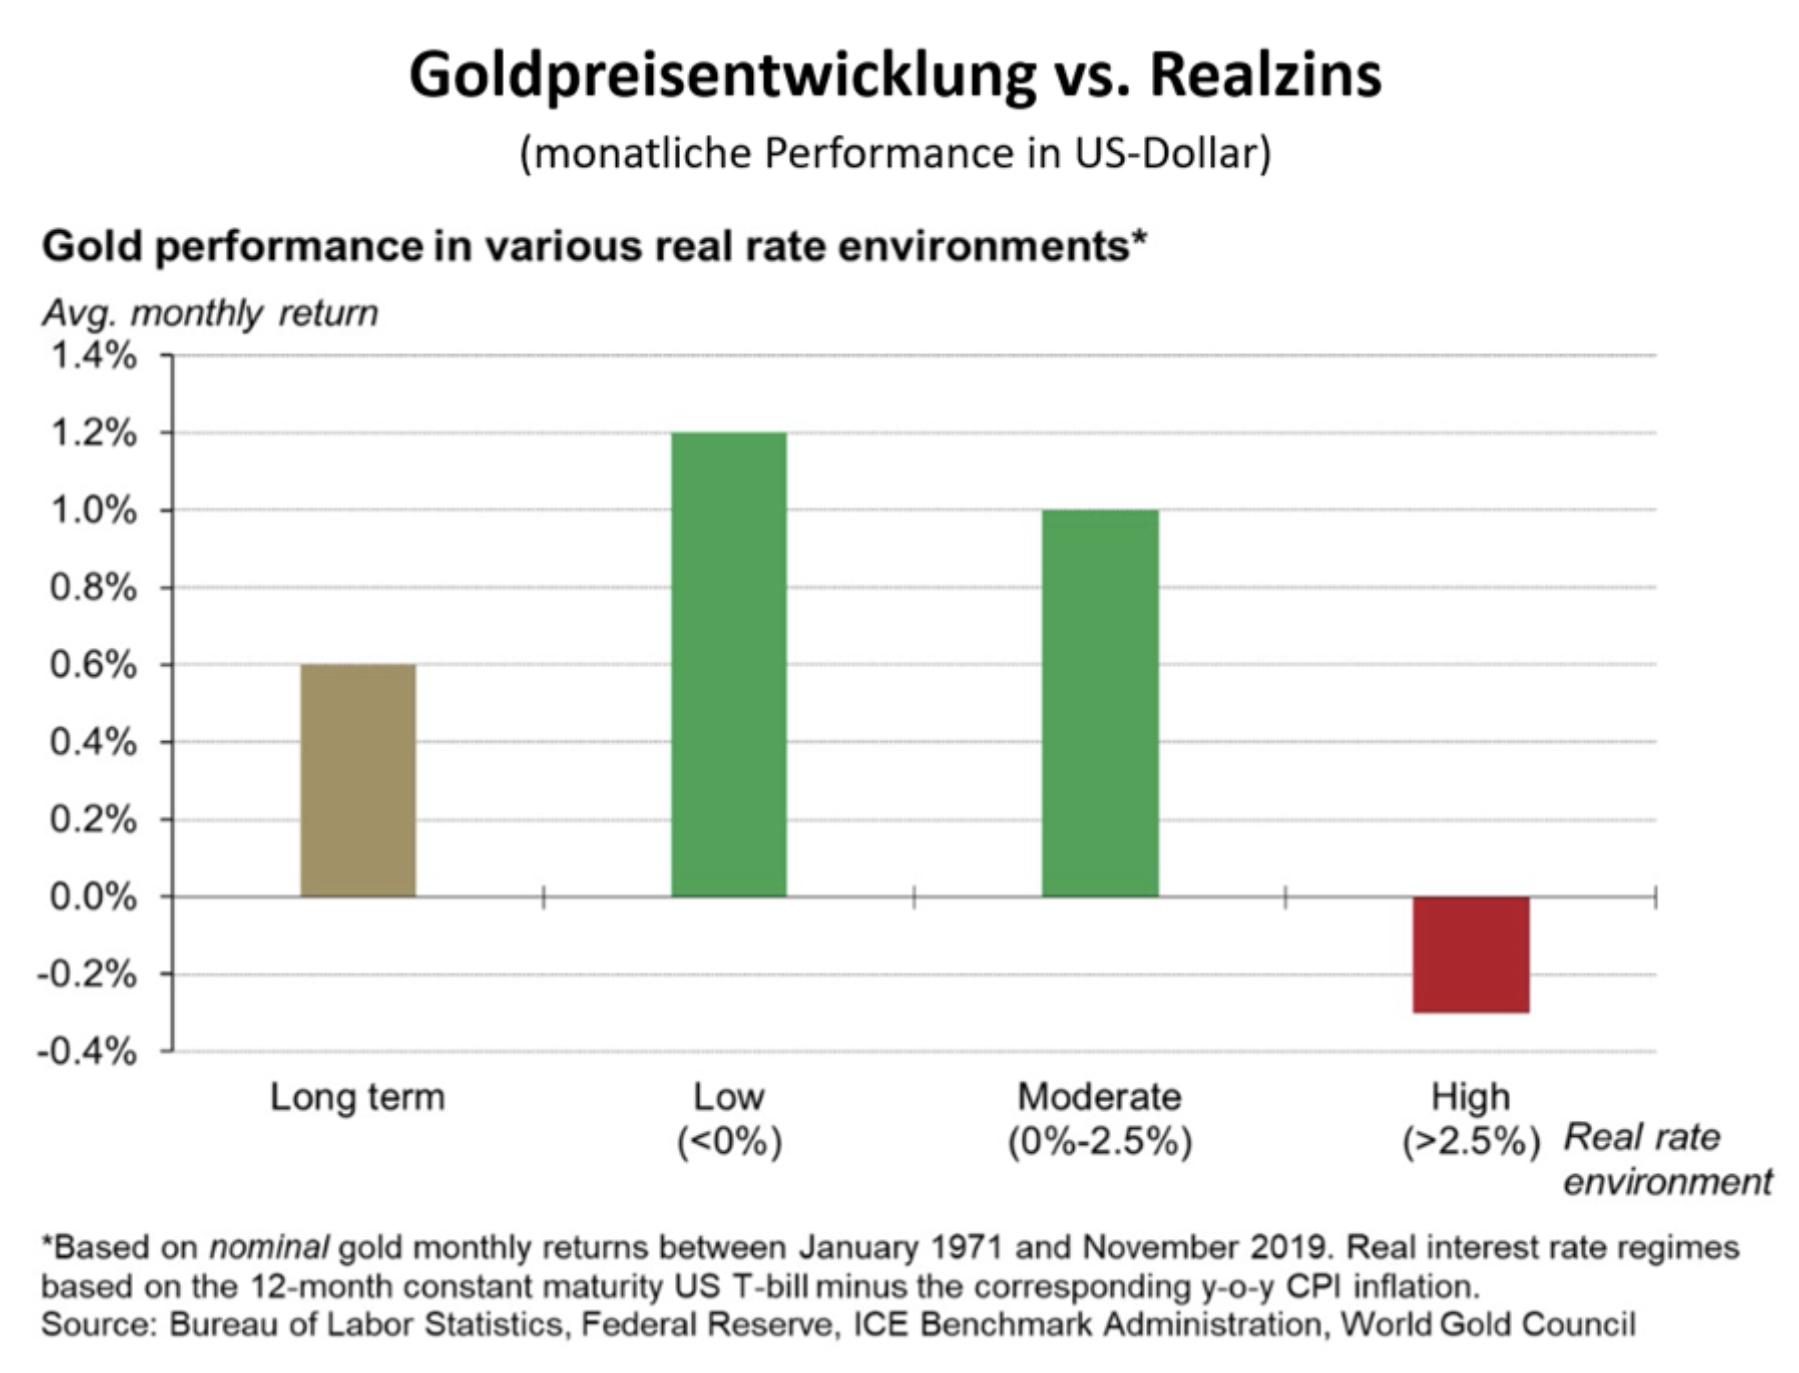 Goldpreis vs Realzinsen